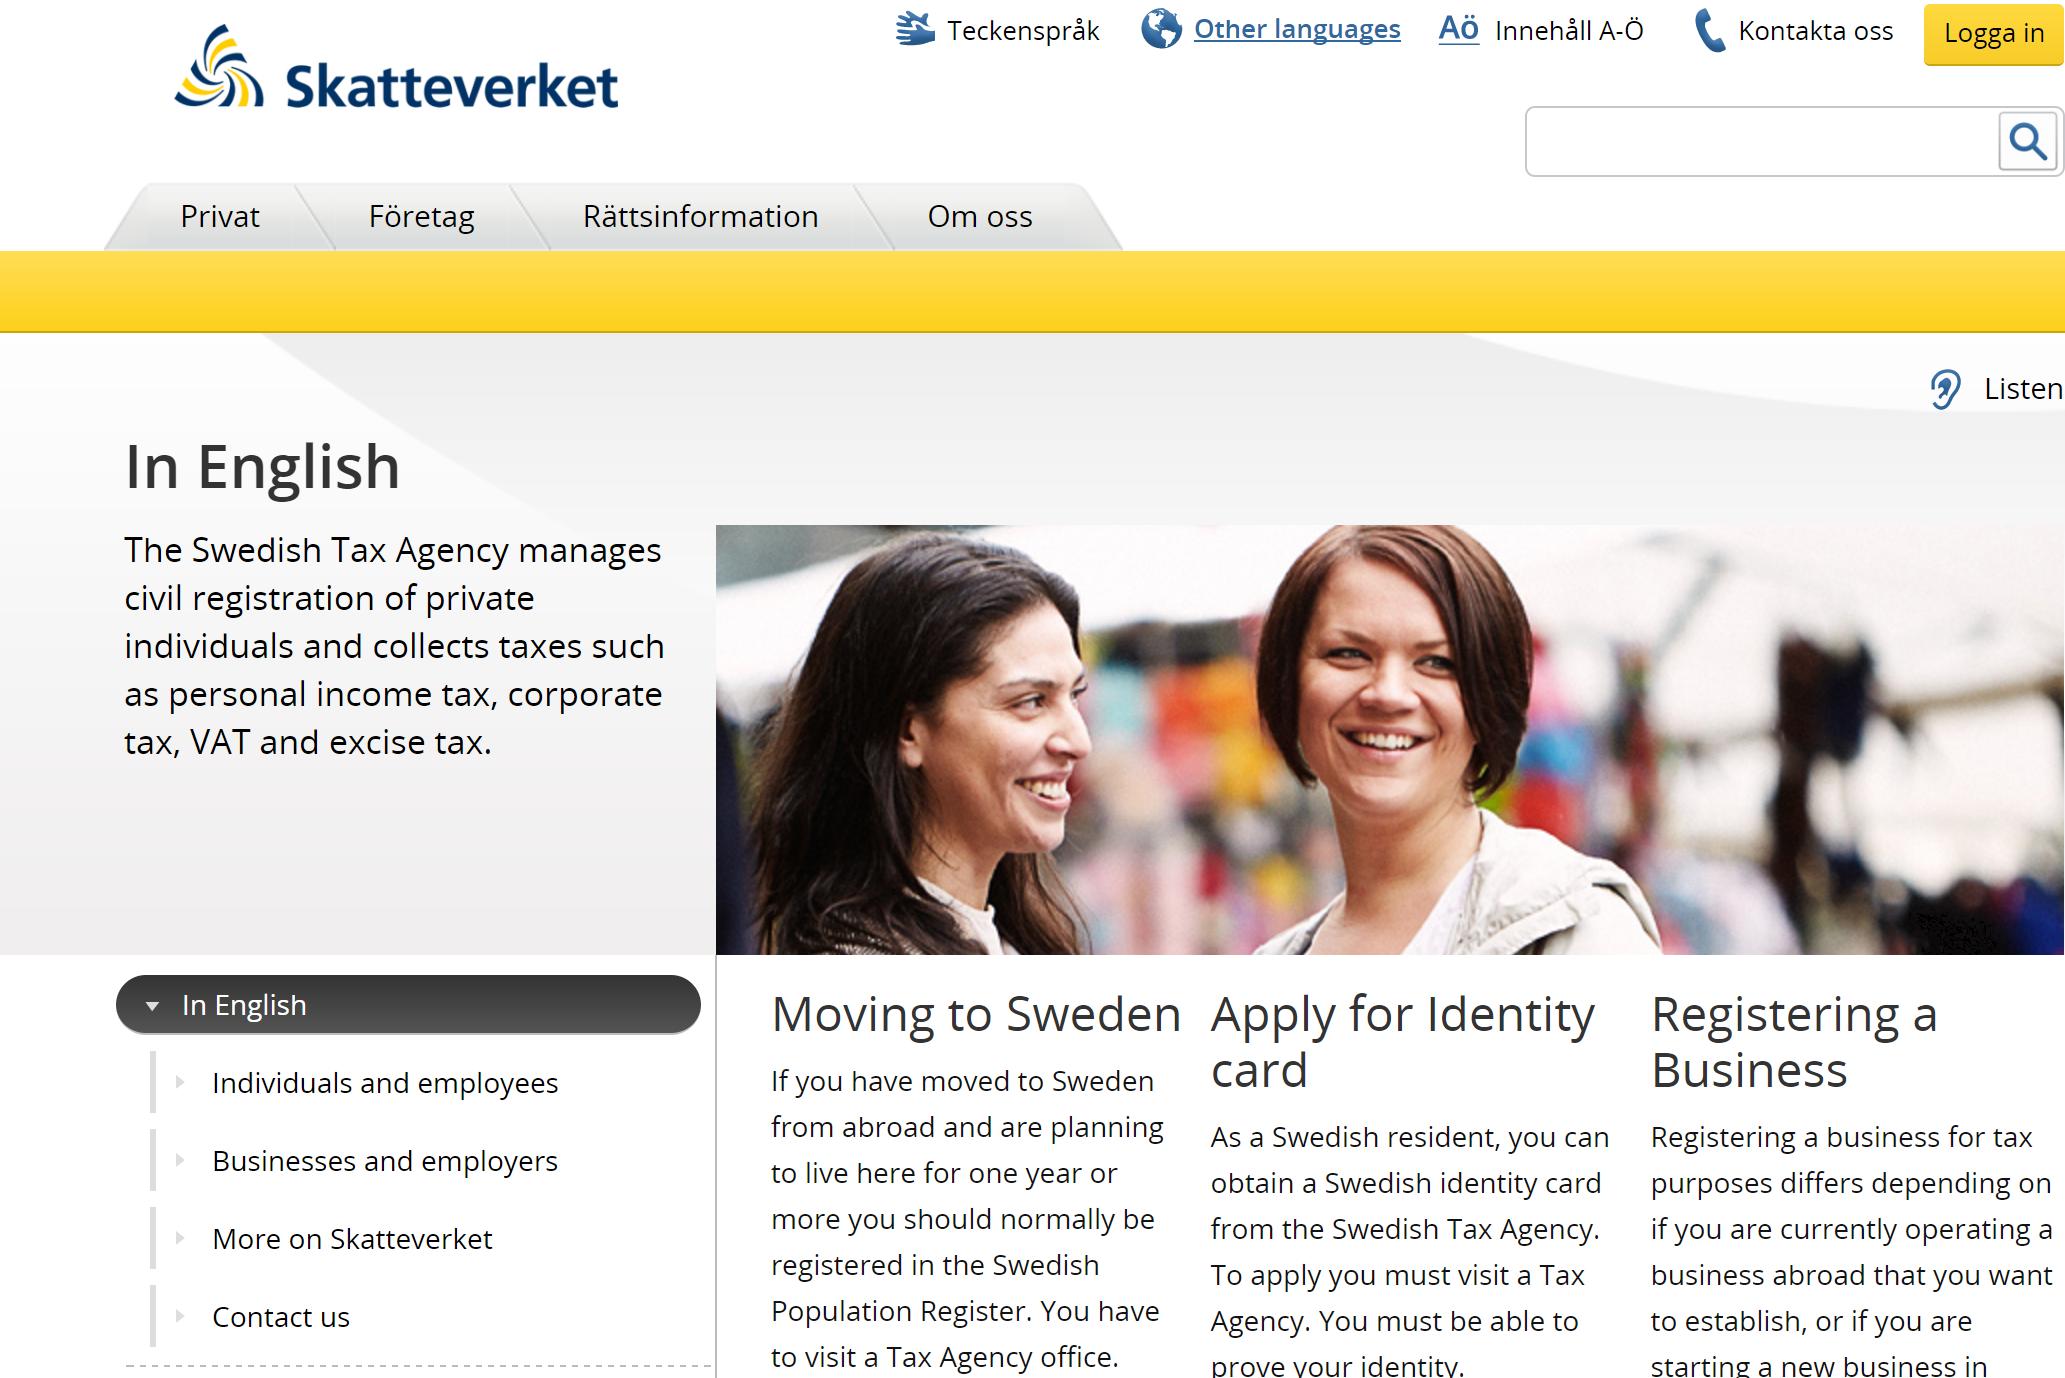 https://www.skatteverket.se